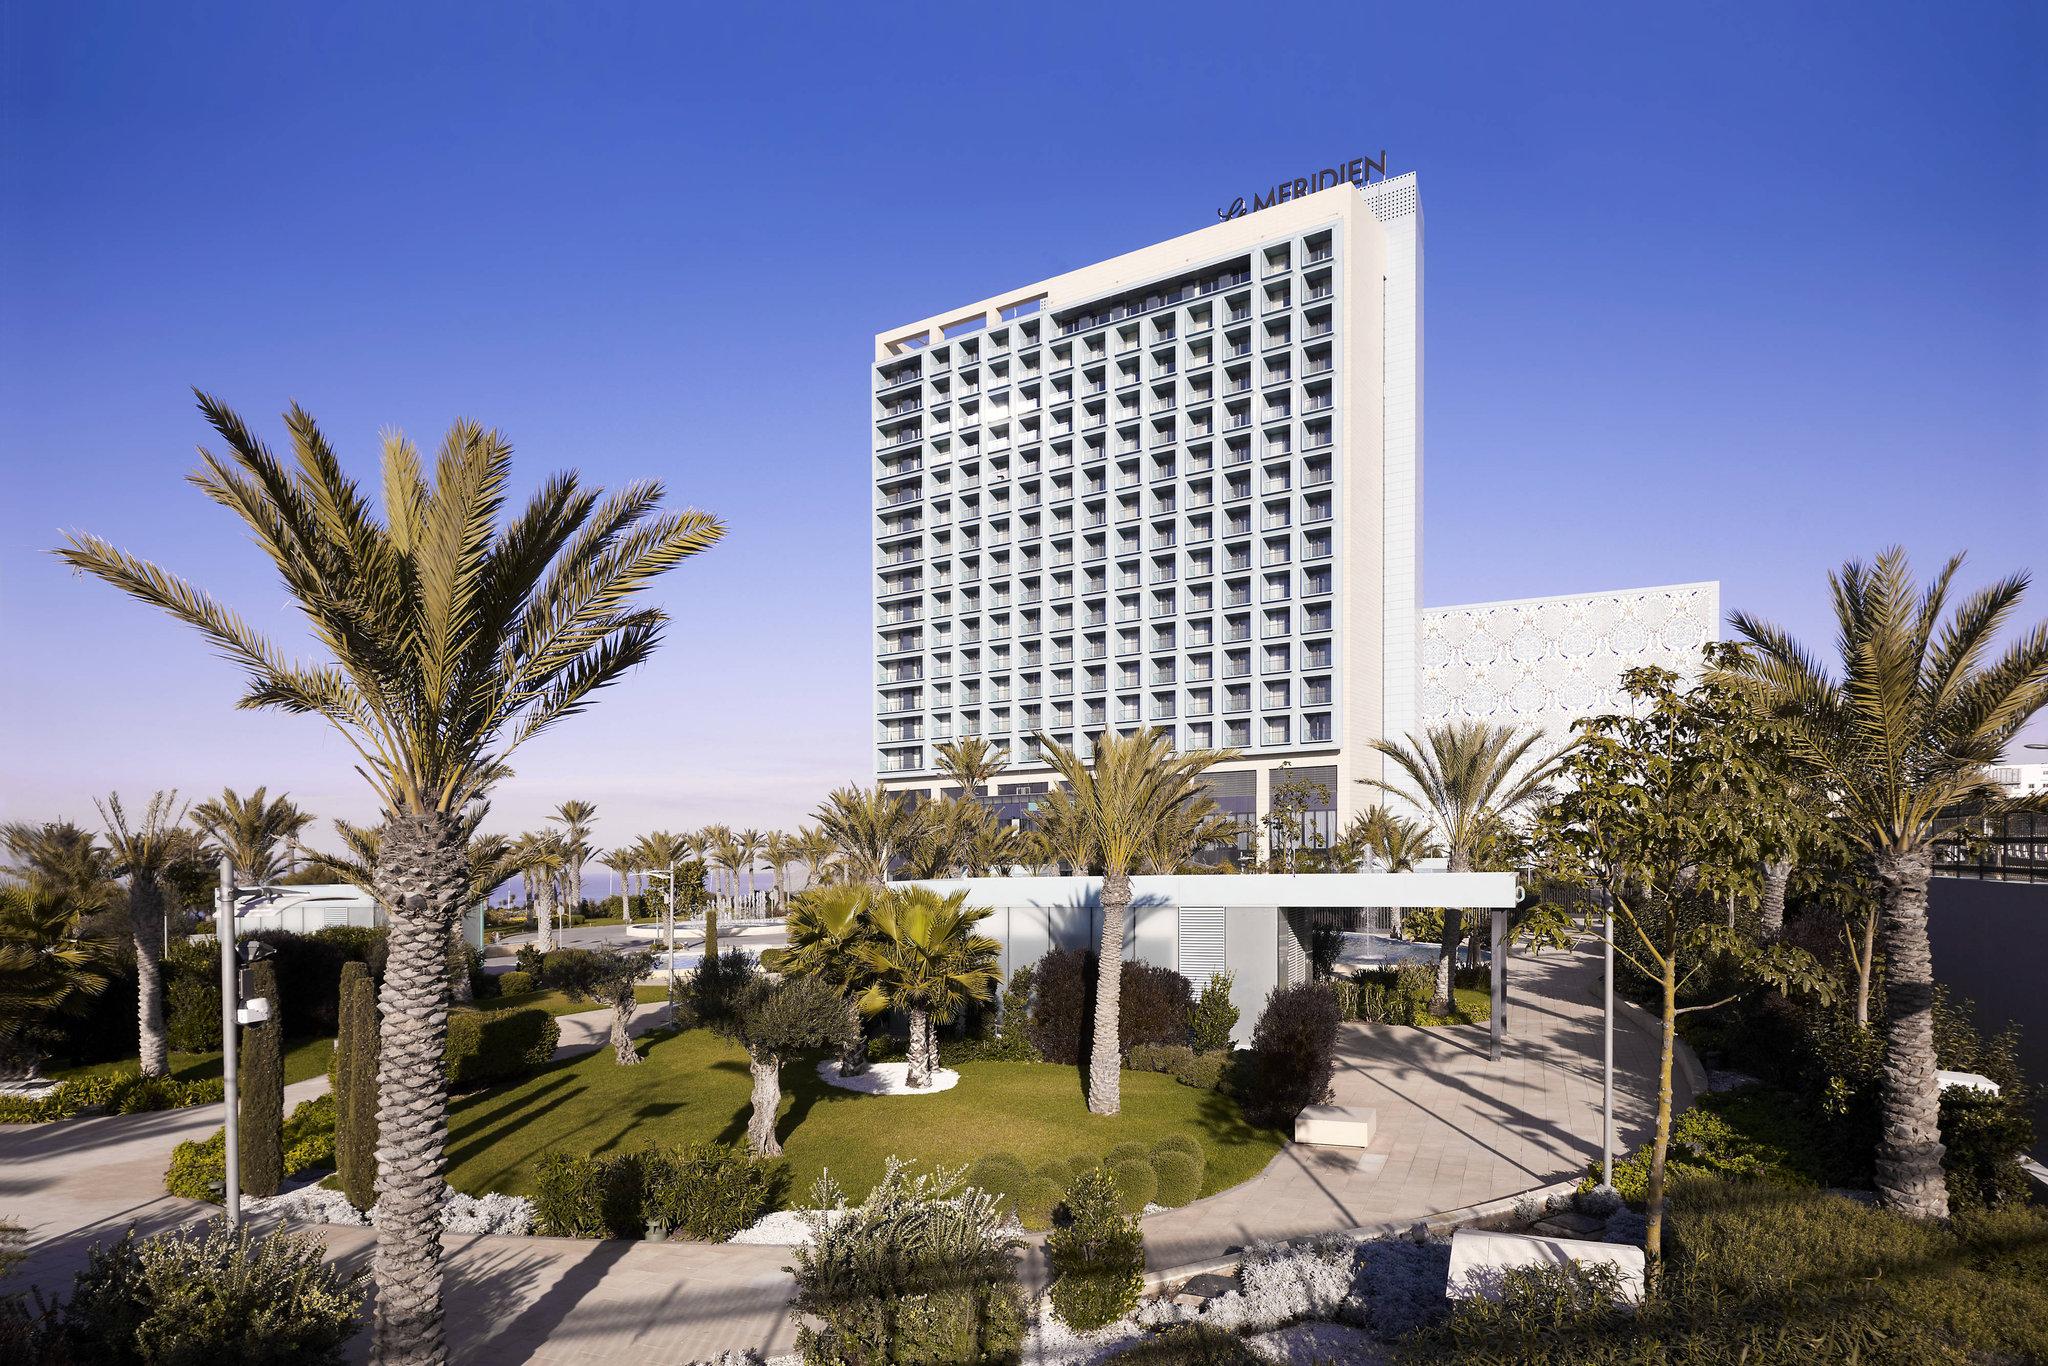 Le Meridien Oran Hotel & Convention Ctr